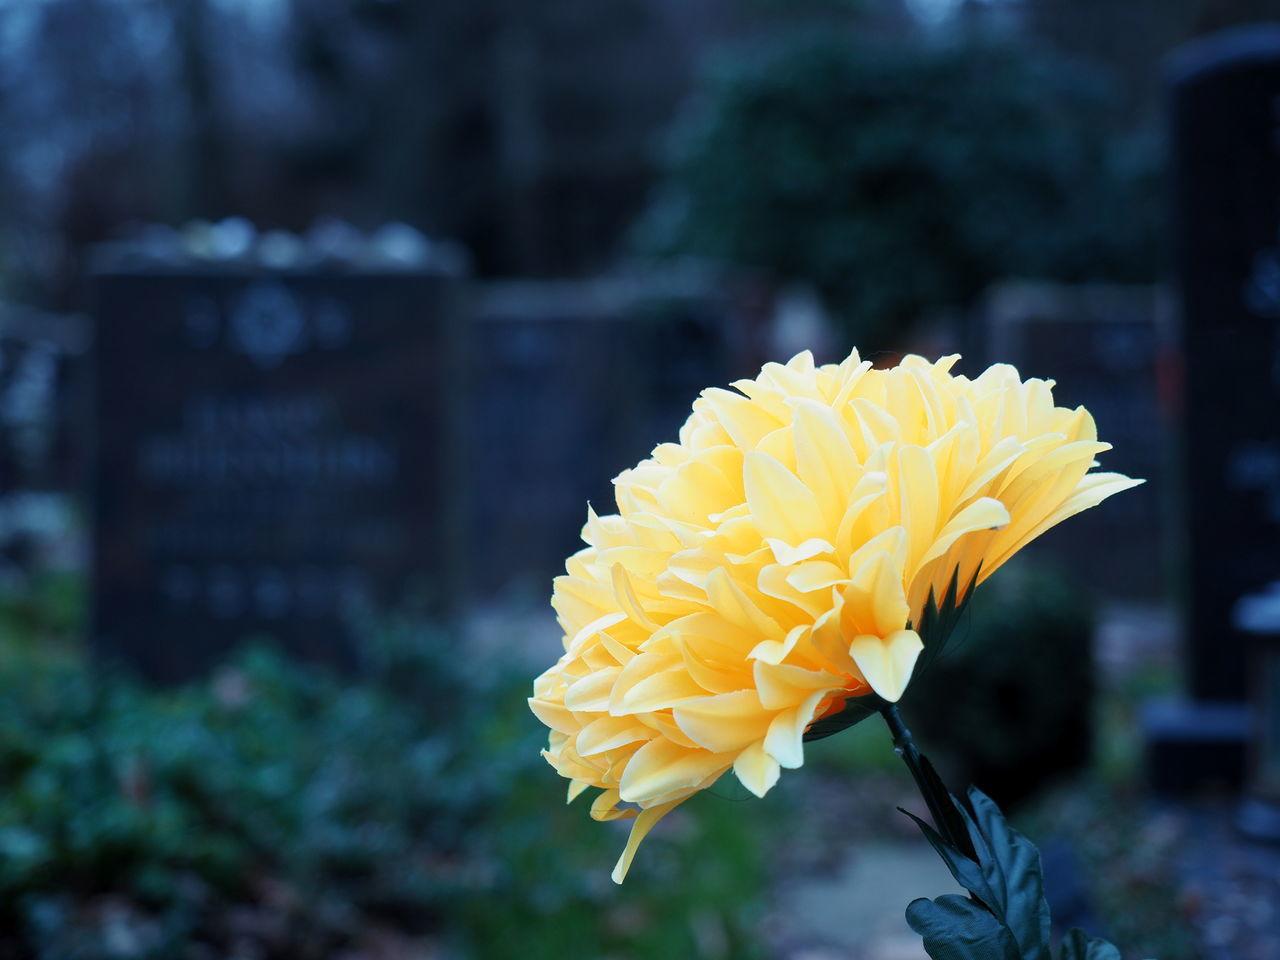 Blumen Cementery Flower Flowers Friedhof Grabschmuck Grabsteine Gravestone Nature Yellow